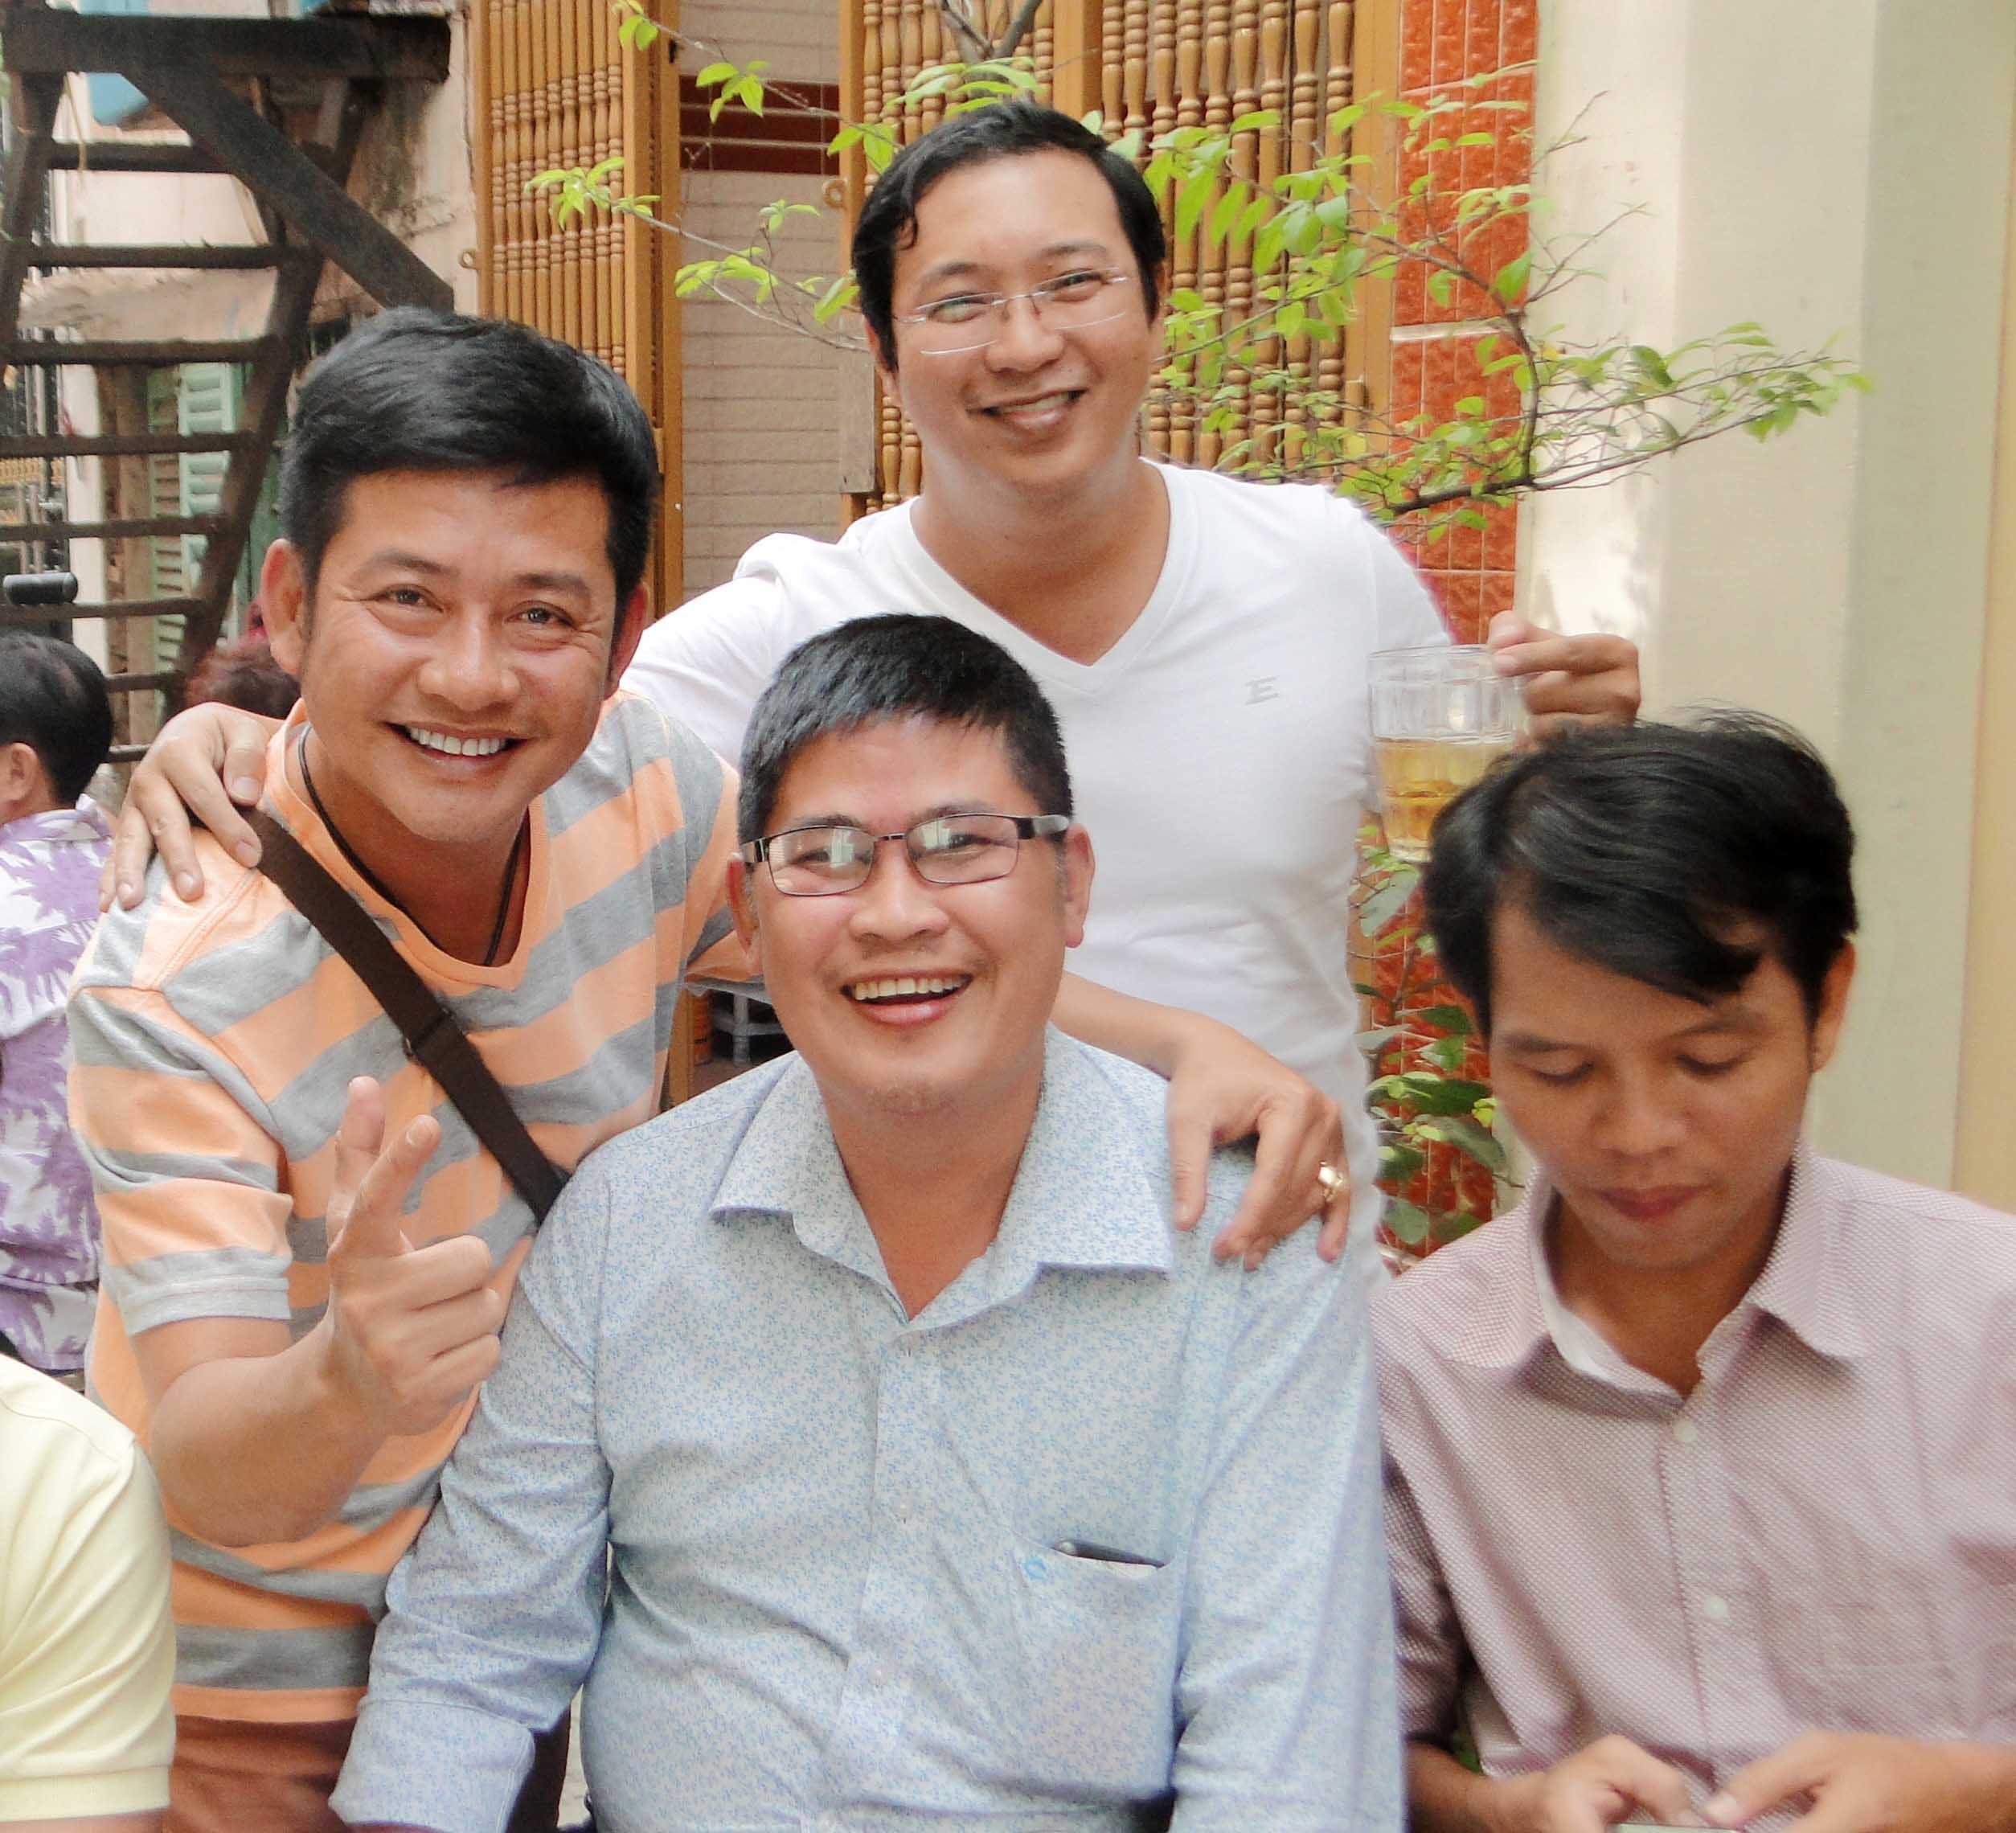 Từng tuyên bố gánh 2 tỷ nợ giùm Phước Sang, nghệ sĩ Tấn Beo có giữ lời? - 1